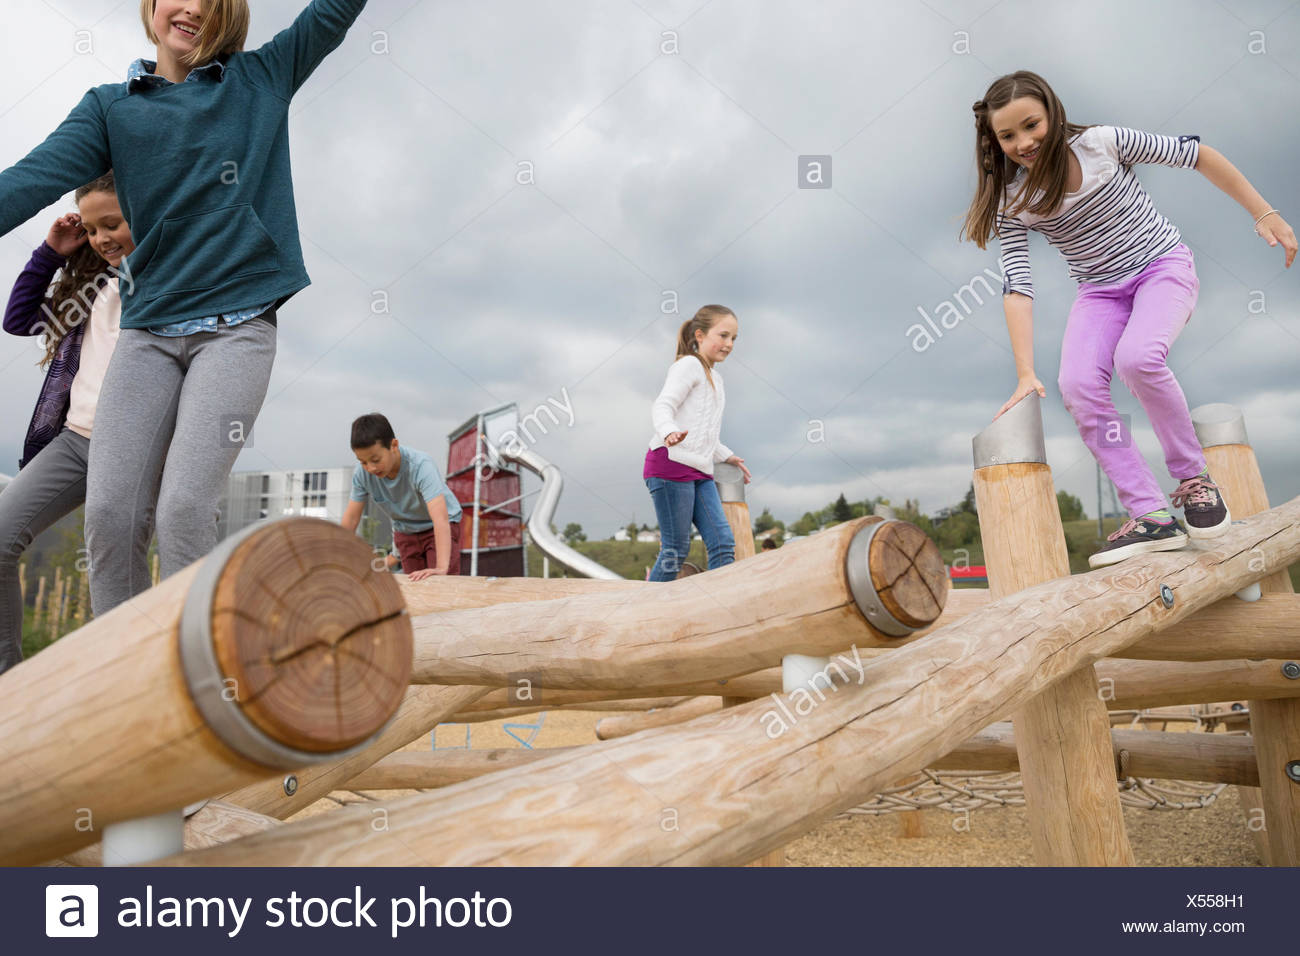 Bambini che giocano su registri presso il parco giochi Immagini Stock